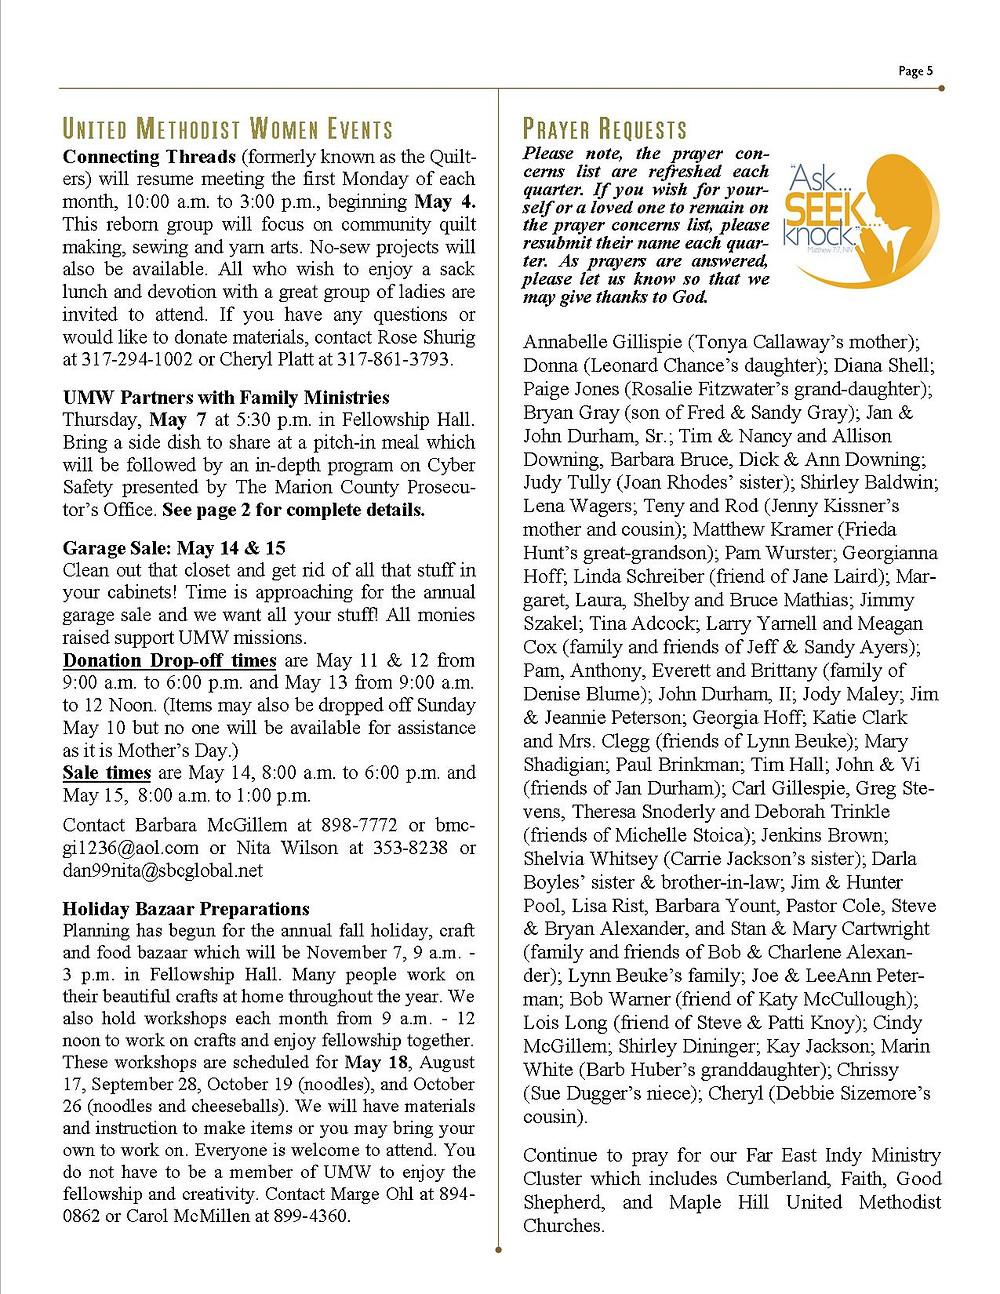 05 May Shofar 2015 pg 5.jpg